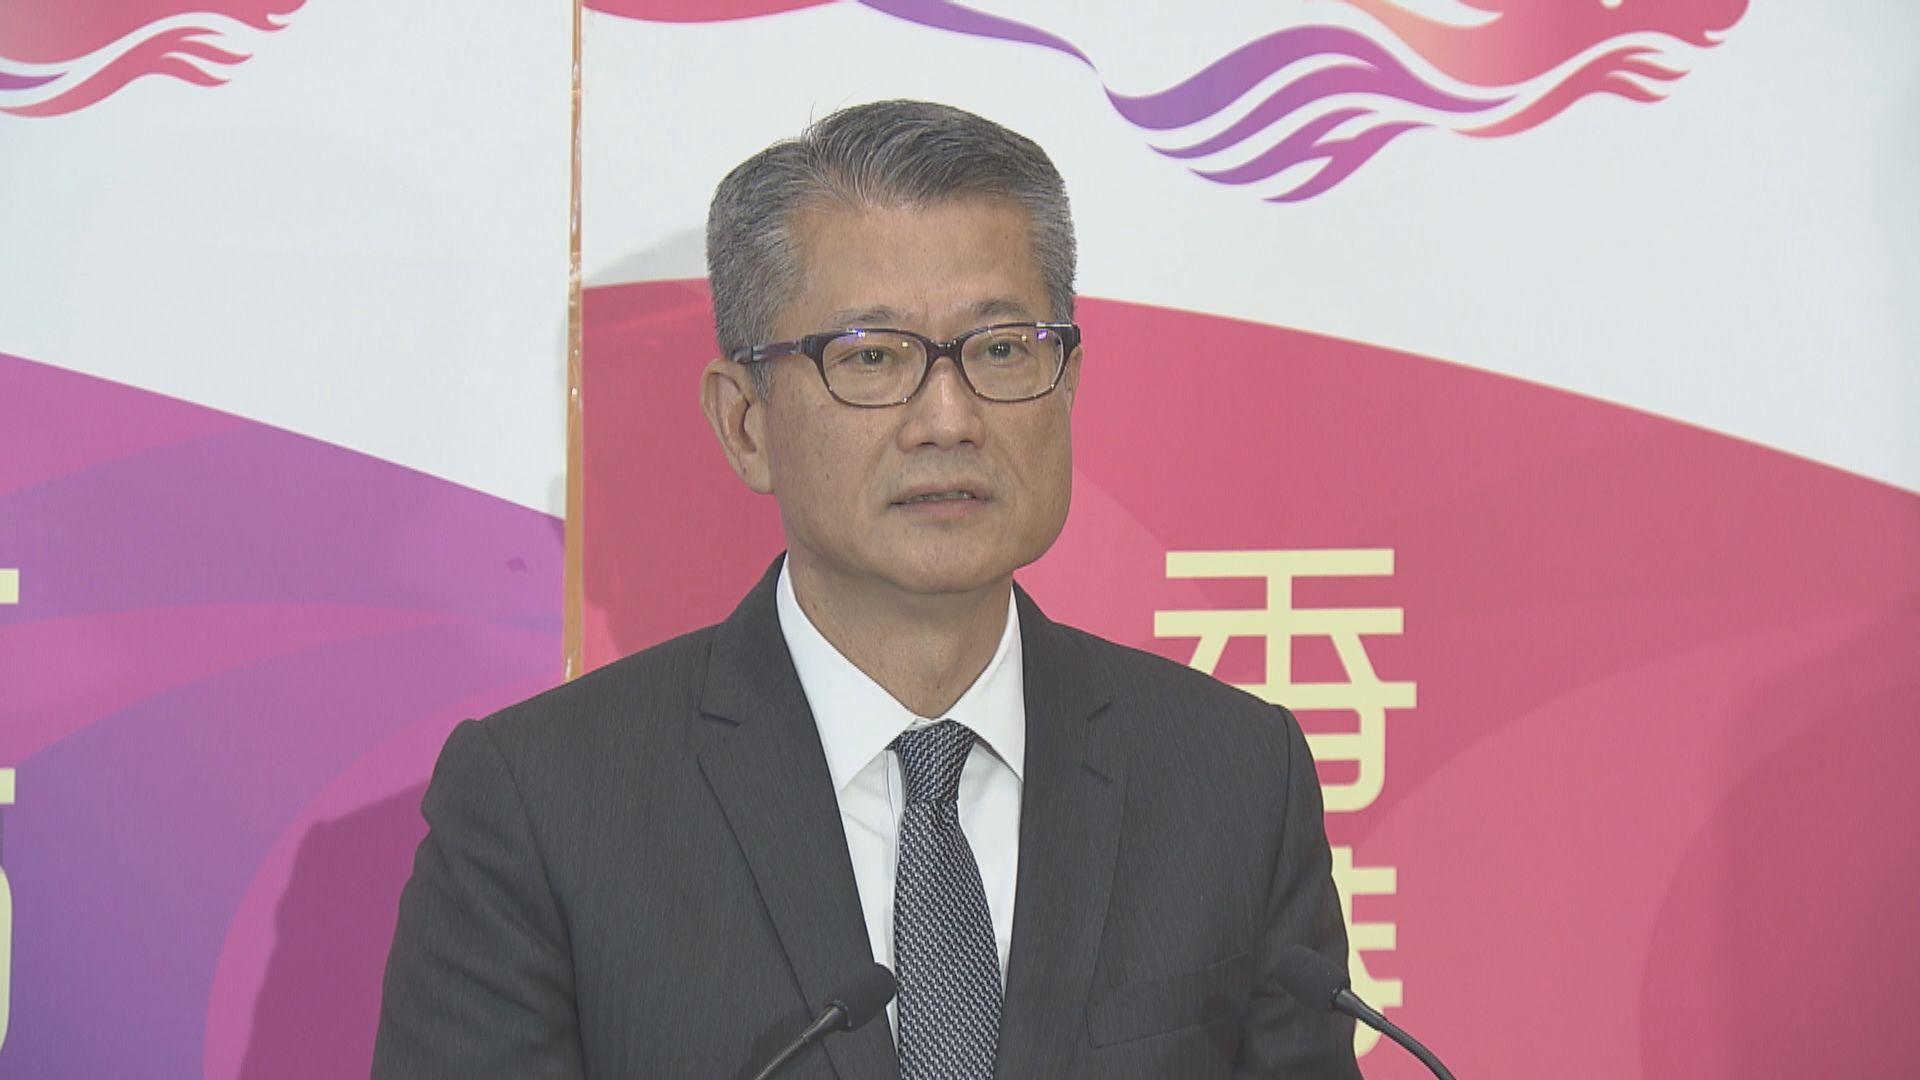 陳茂波:構建香港成為大灣區綠色金融中心